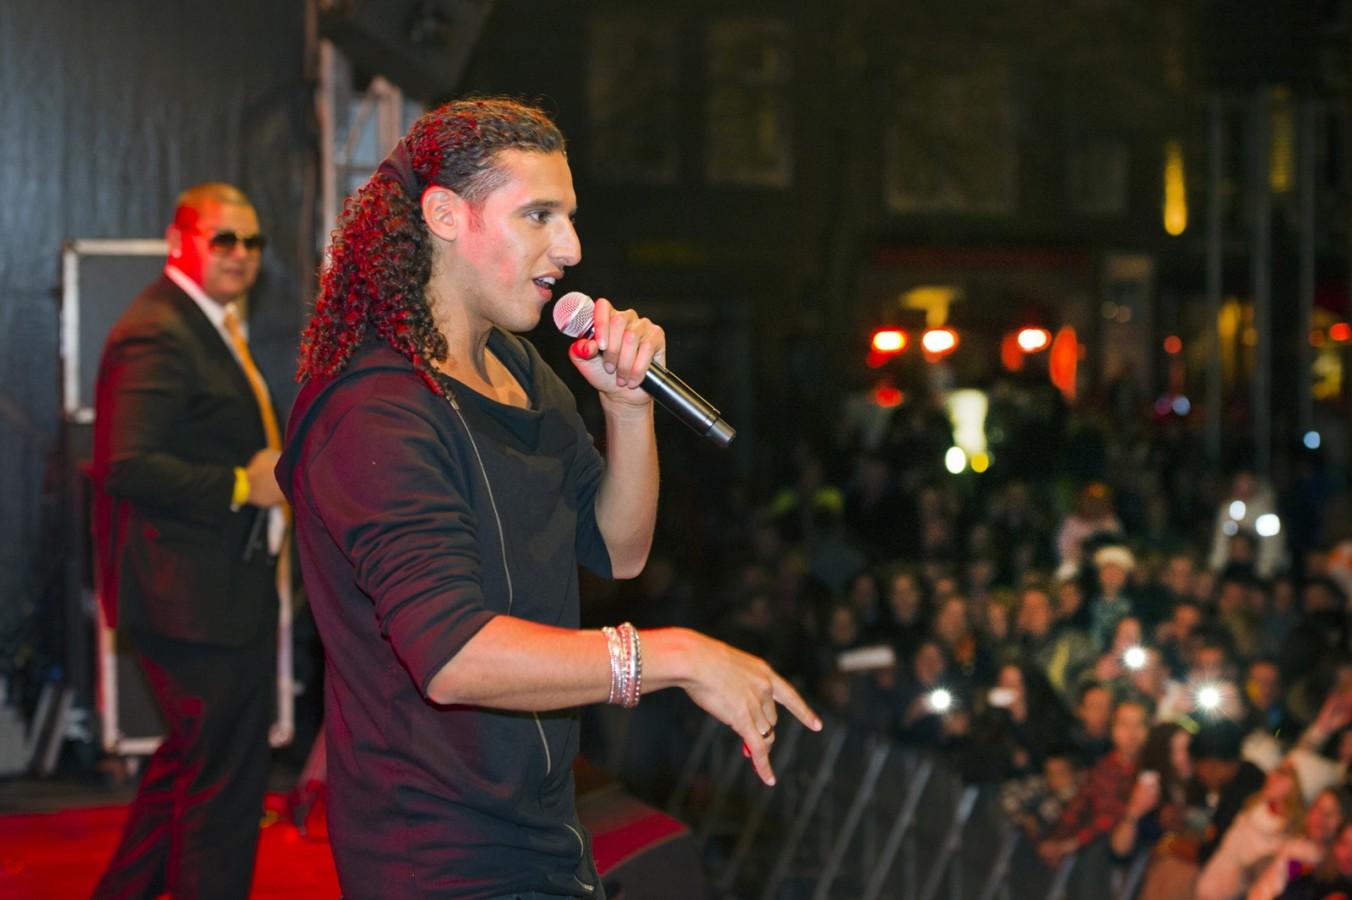 Optreden Ali B tijdens koninginnedag (Middelburg)